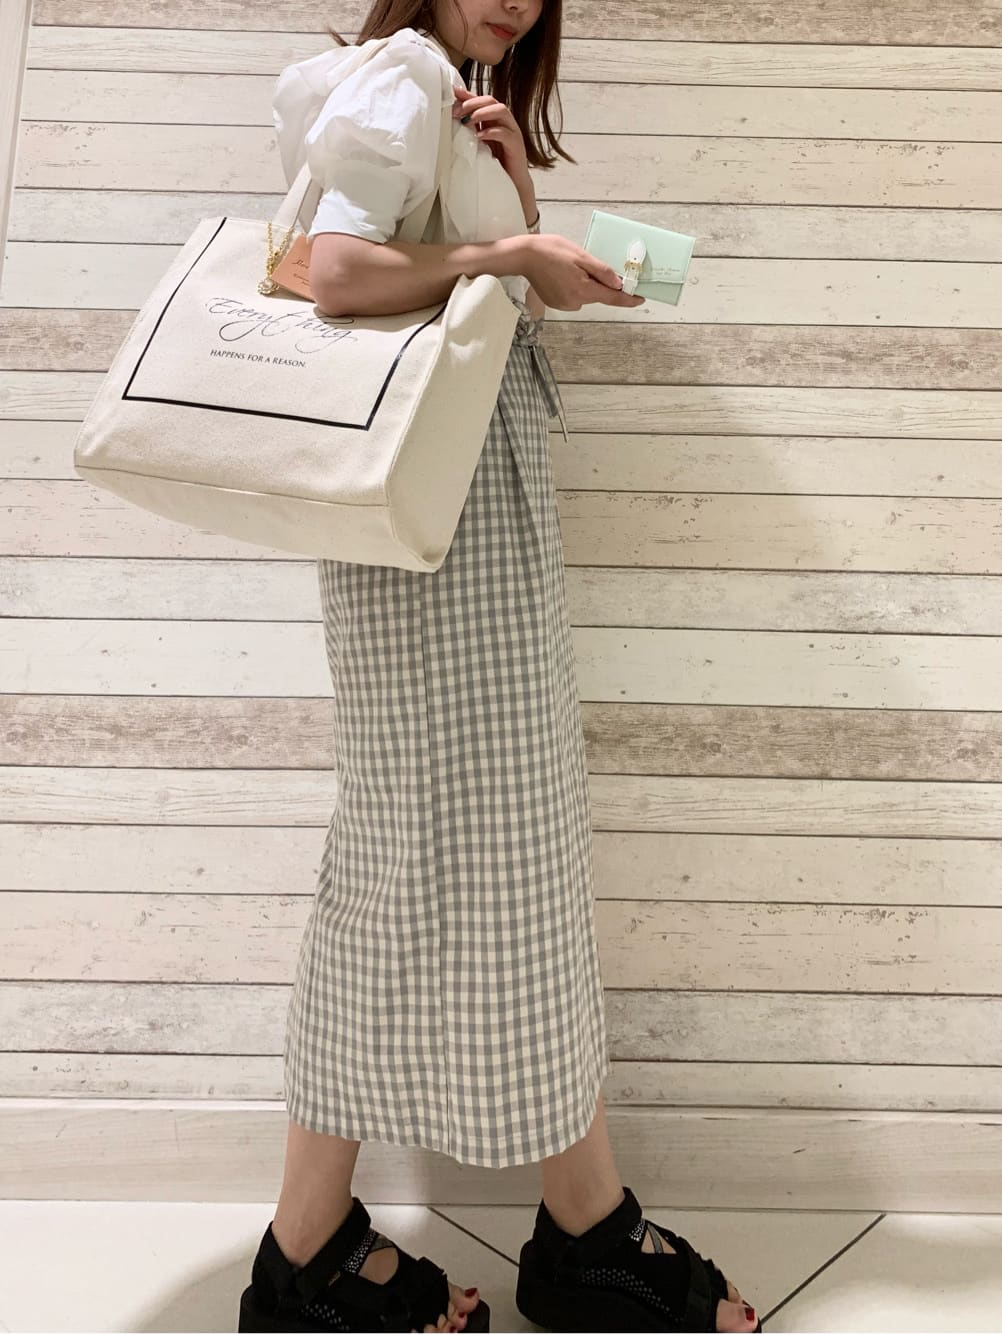 サマンサタバサプチチョイス ルミネエスト店 Ou♡